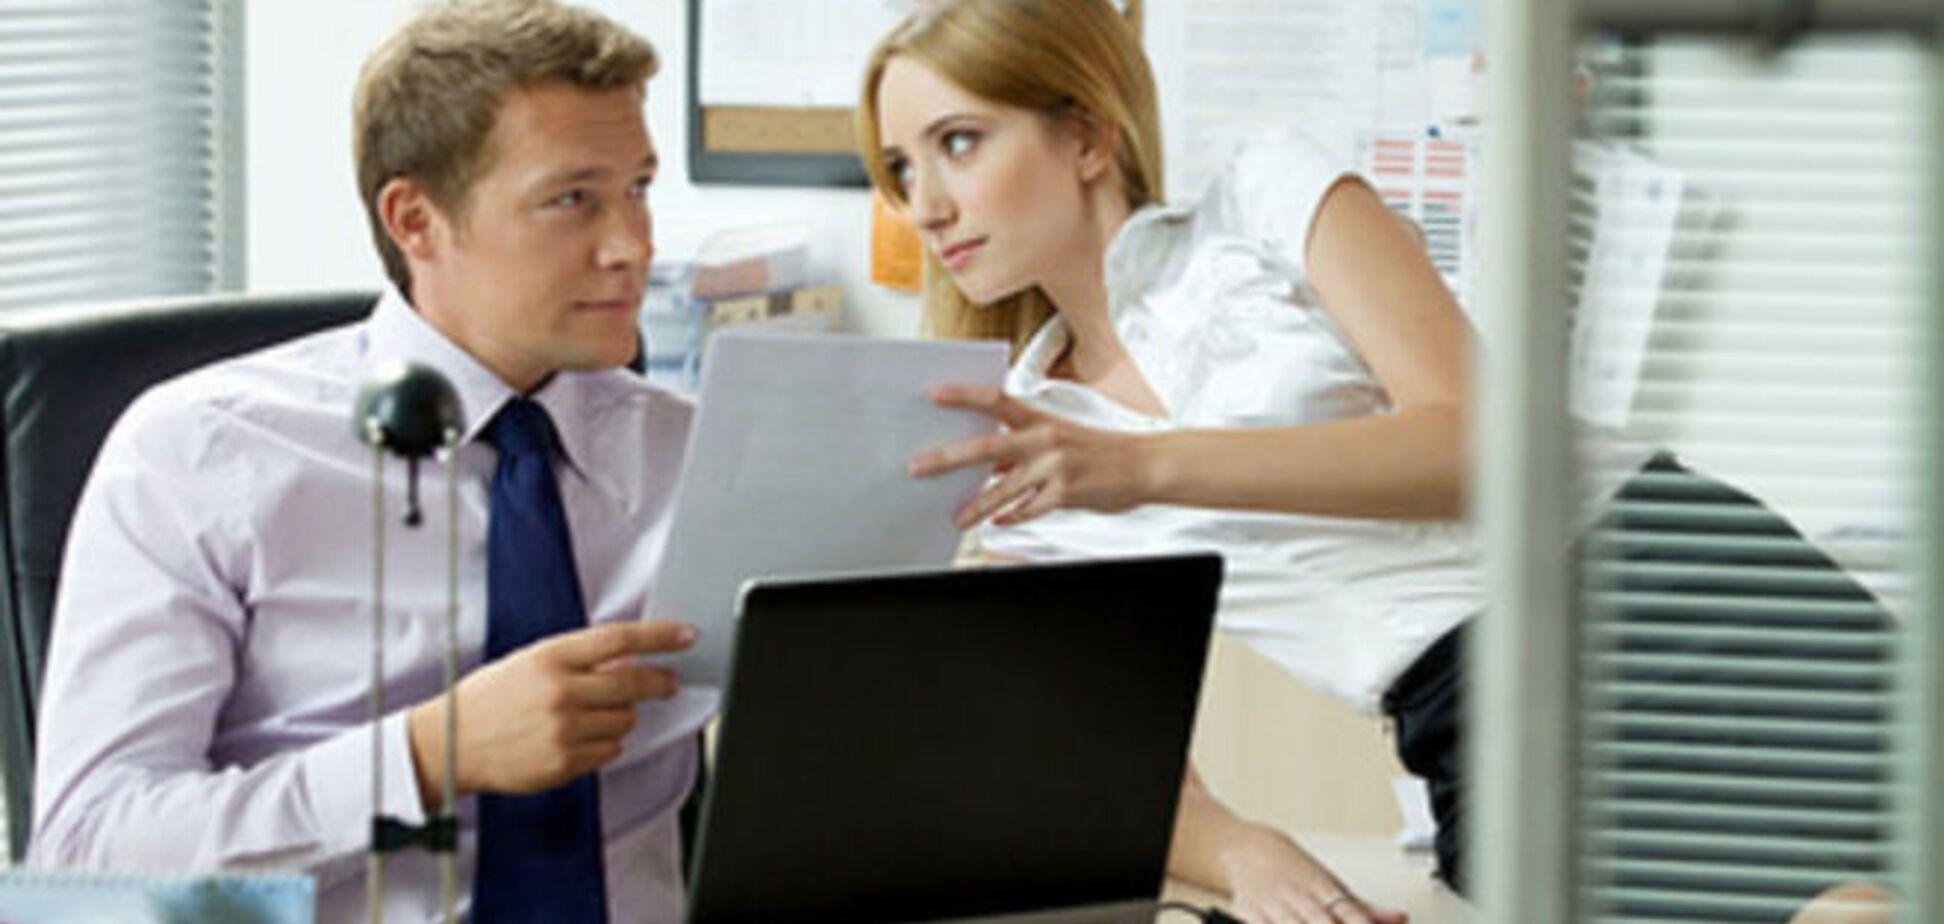 Работа мечты: опытный секретарь на 5 тыс. грн, возможен интим